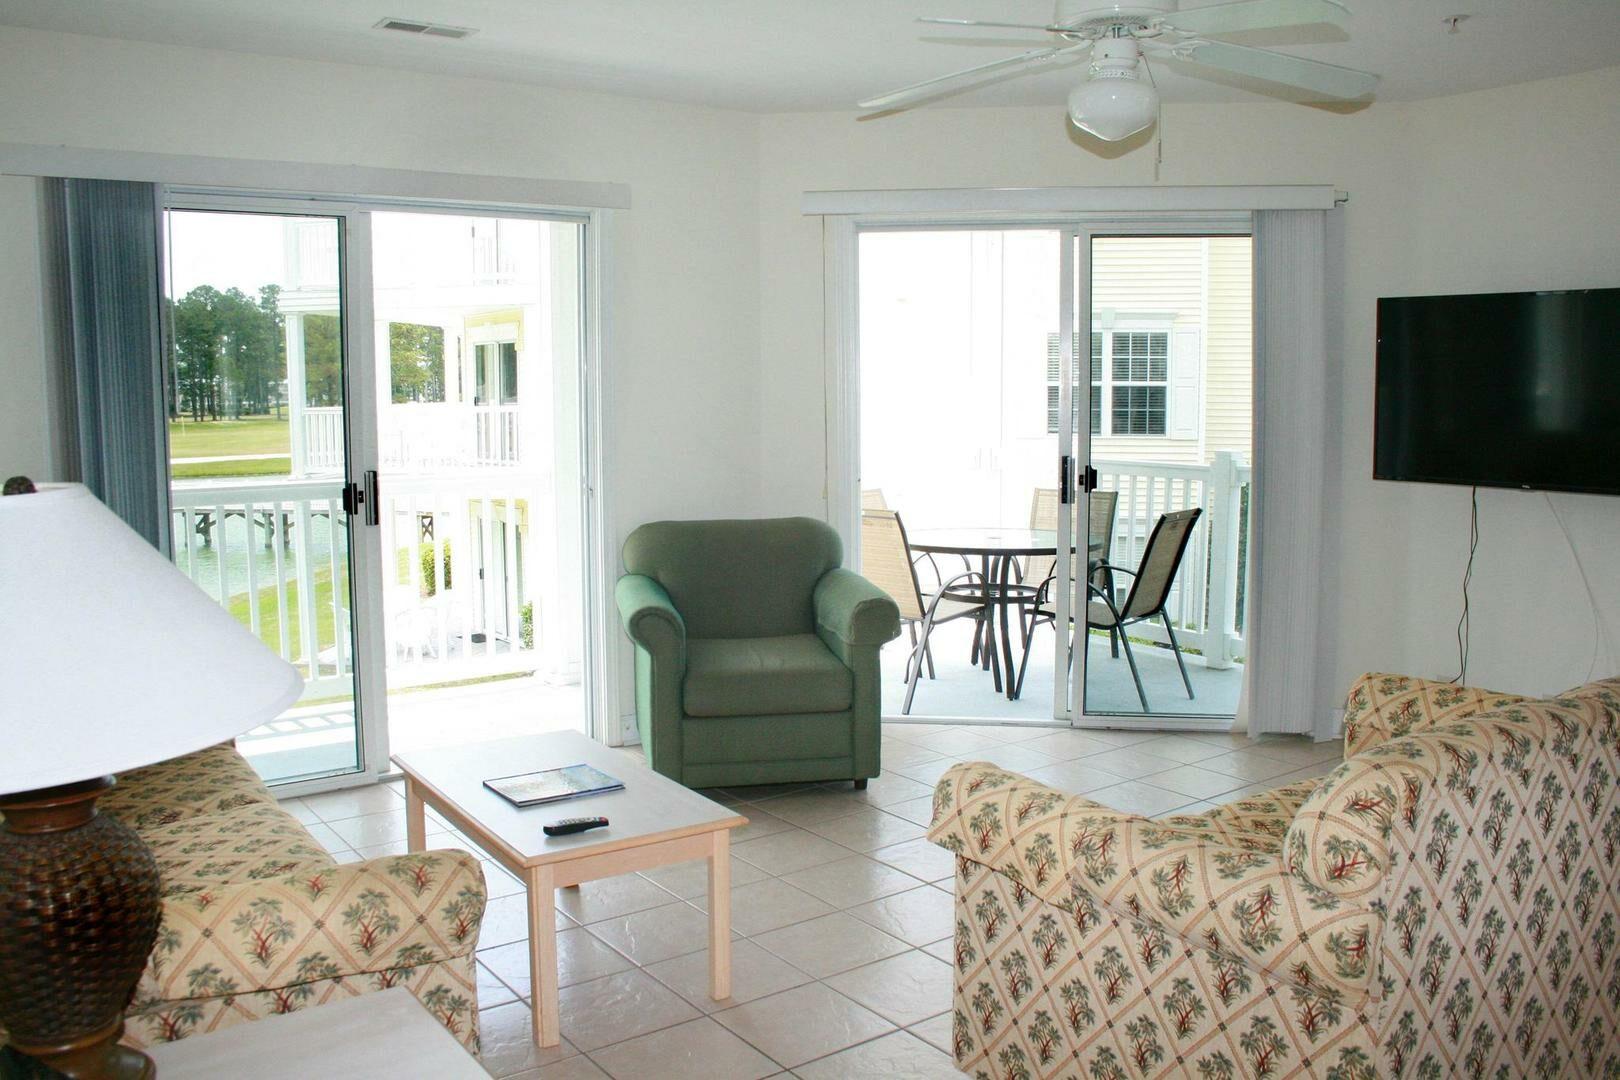 2206M 1 Bedroom/1 Bath Villa